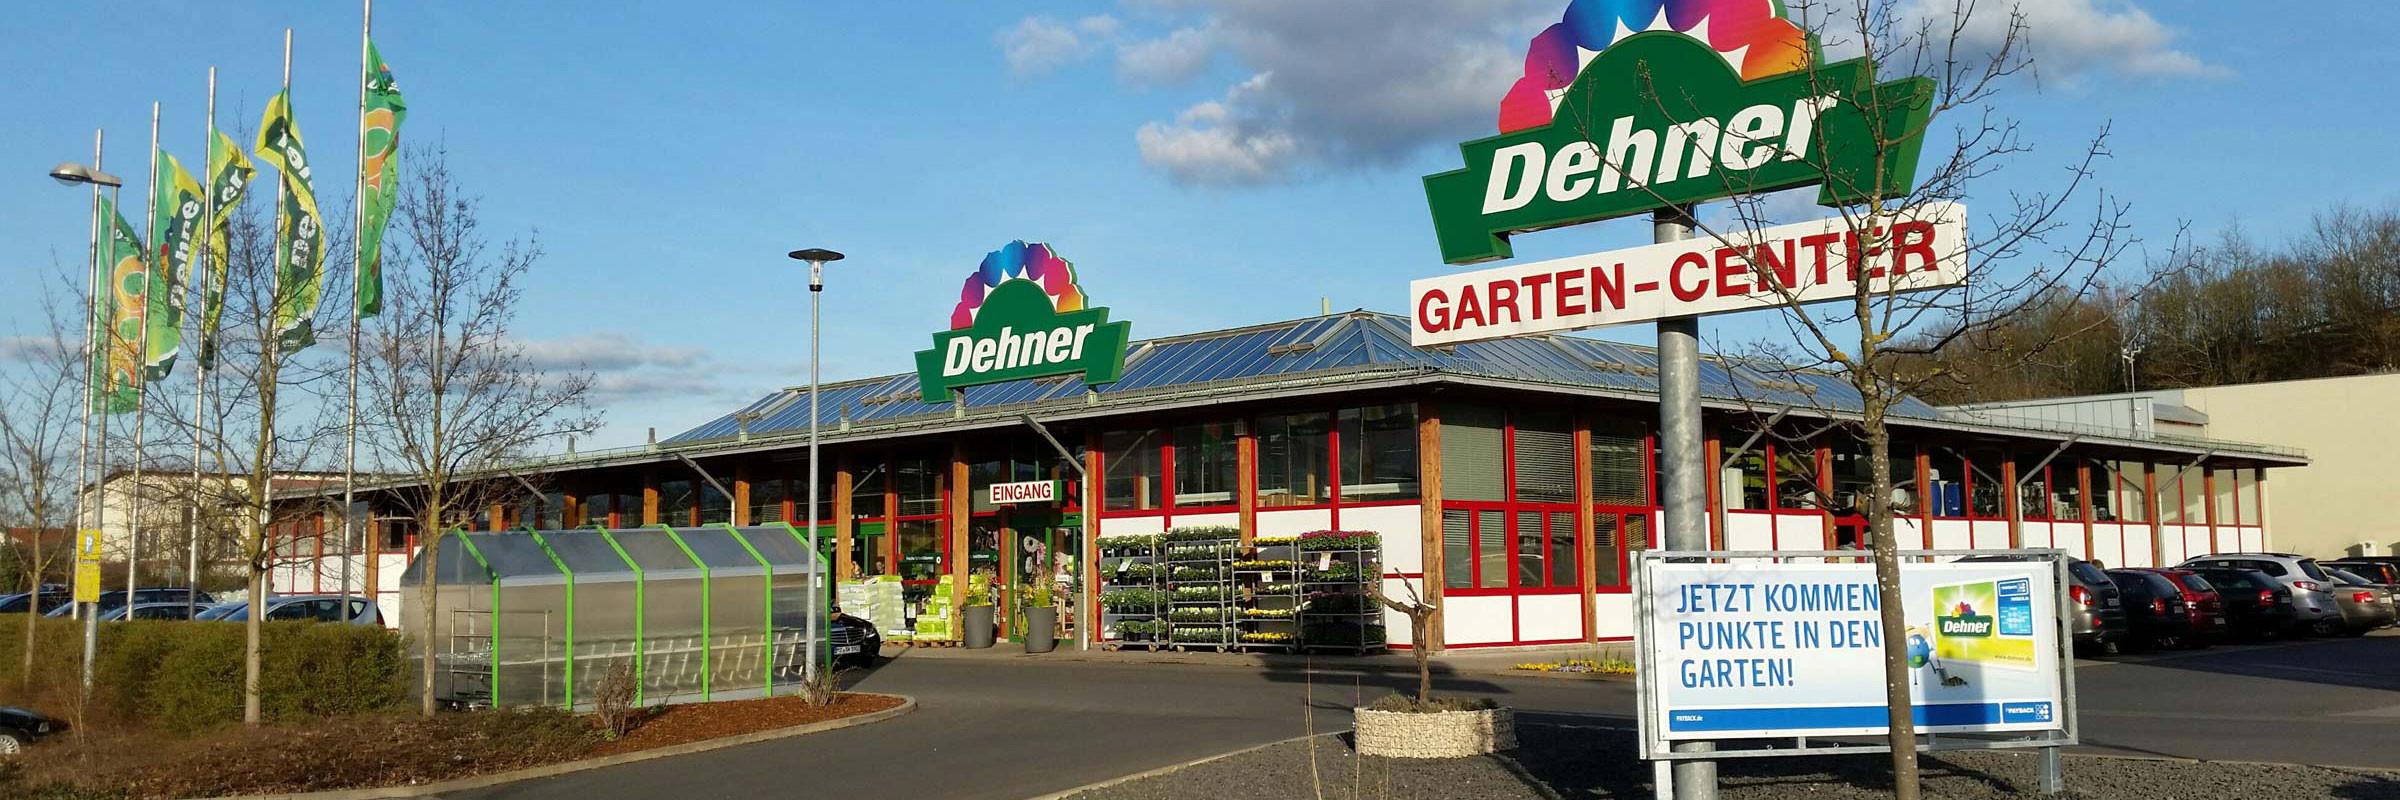 Dehner Garten Center In Heidesheim Dehner